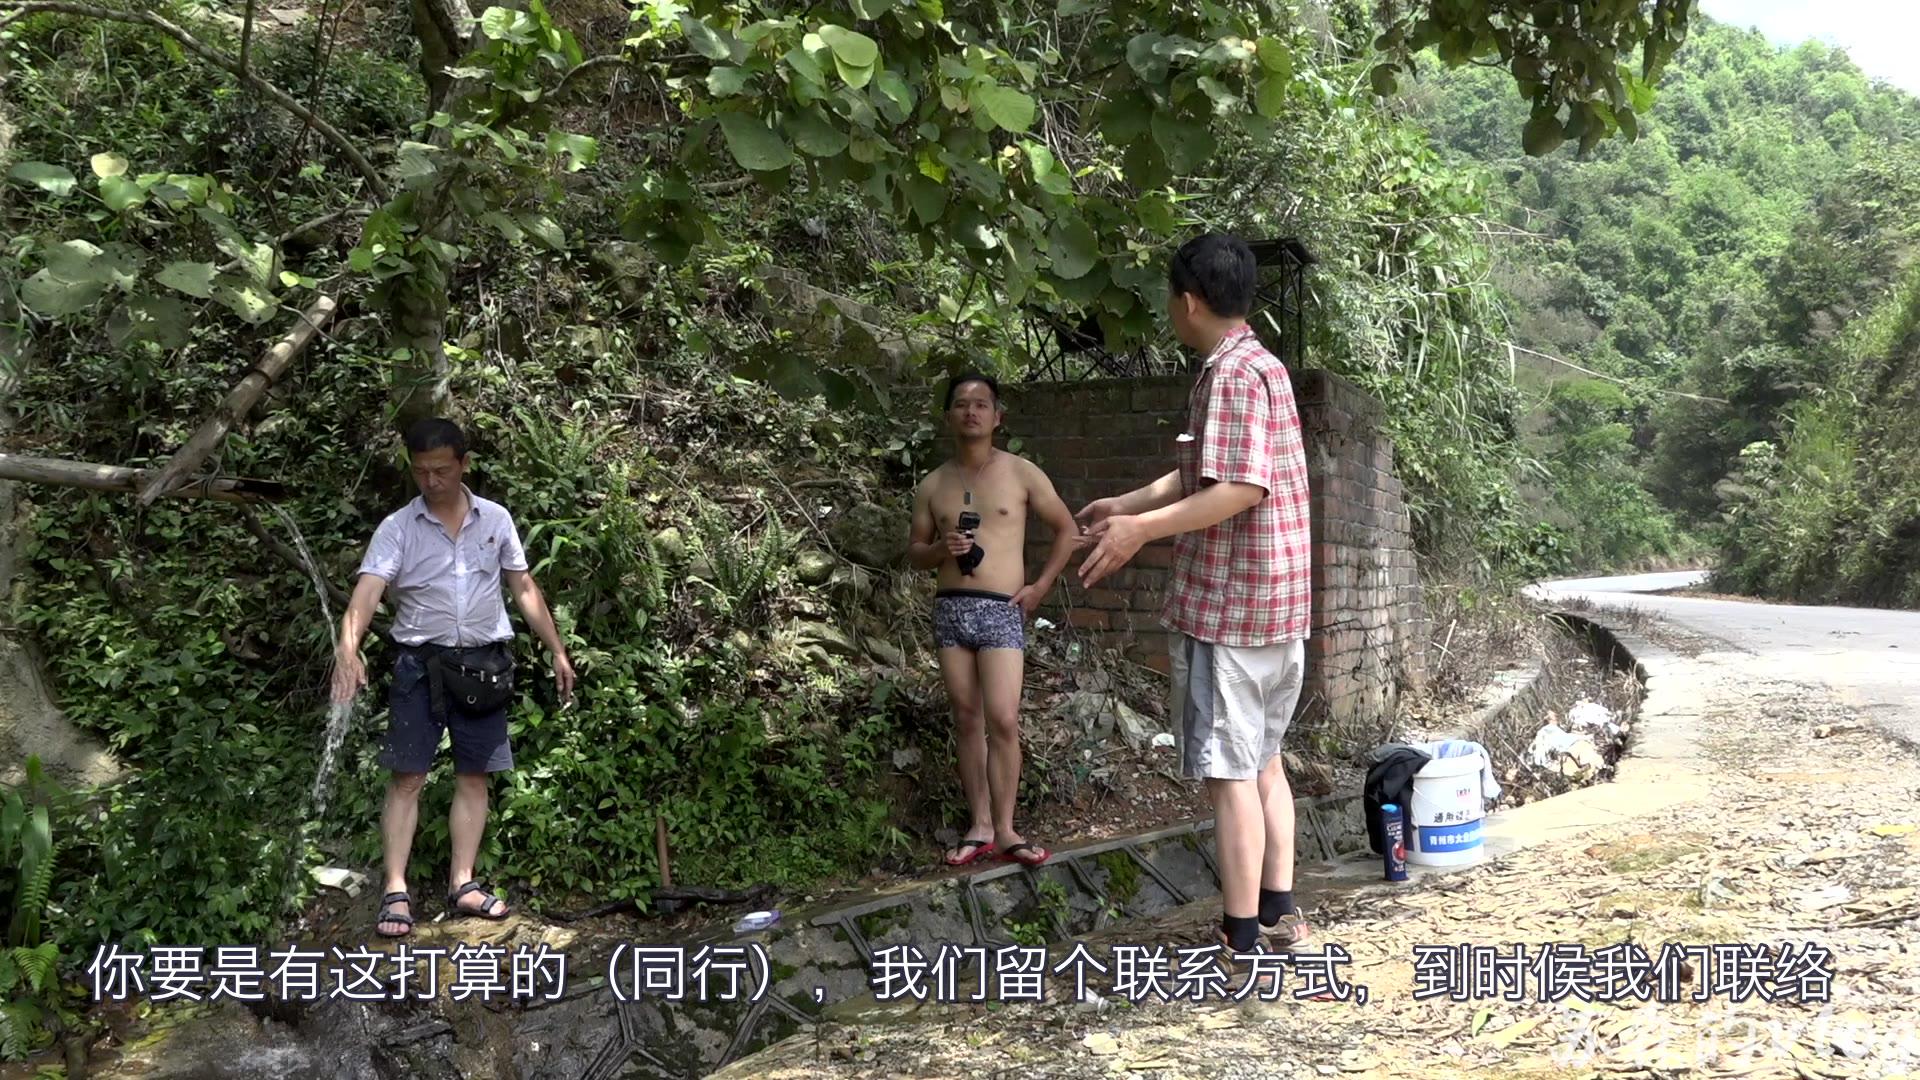 【苏森】3500块钱面包车穷游西藏,路边洗澡惨遭大叔围观